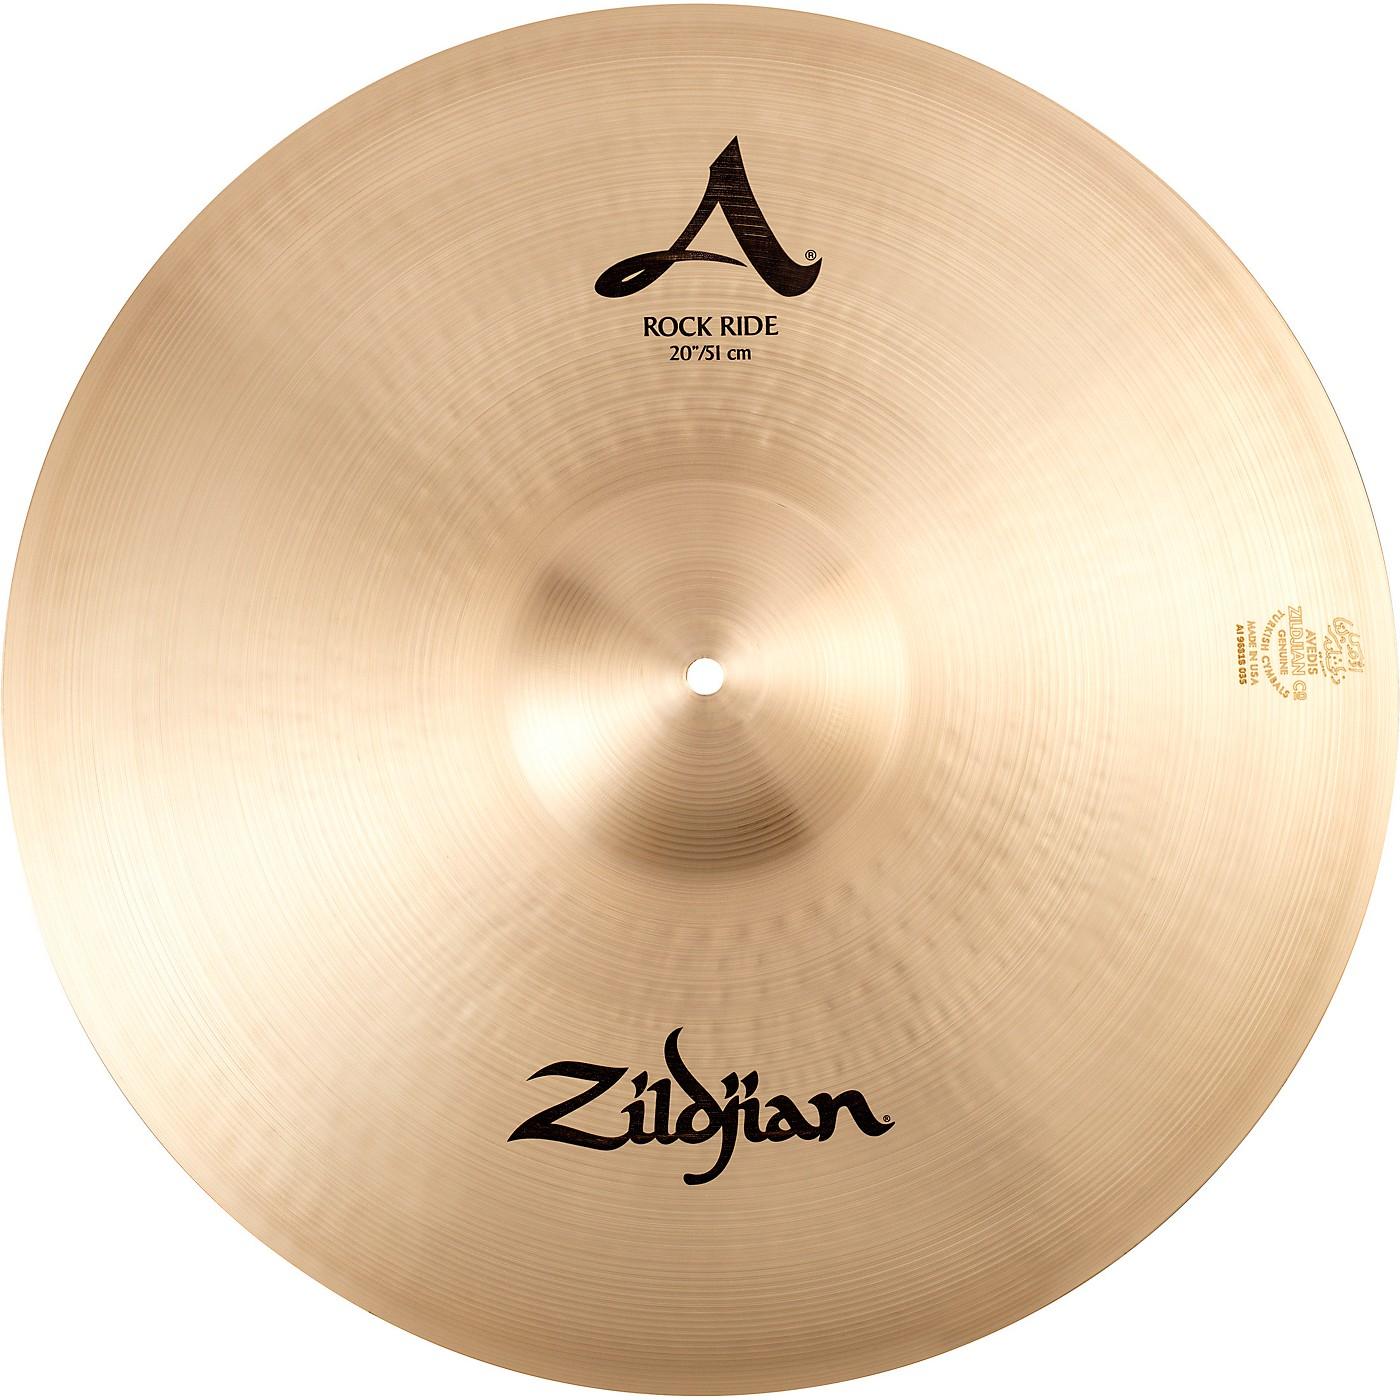 Zildjian A Series Rock Ride Cymbal thumbnail